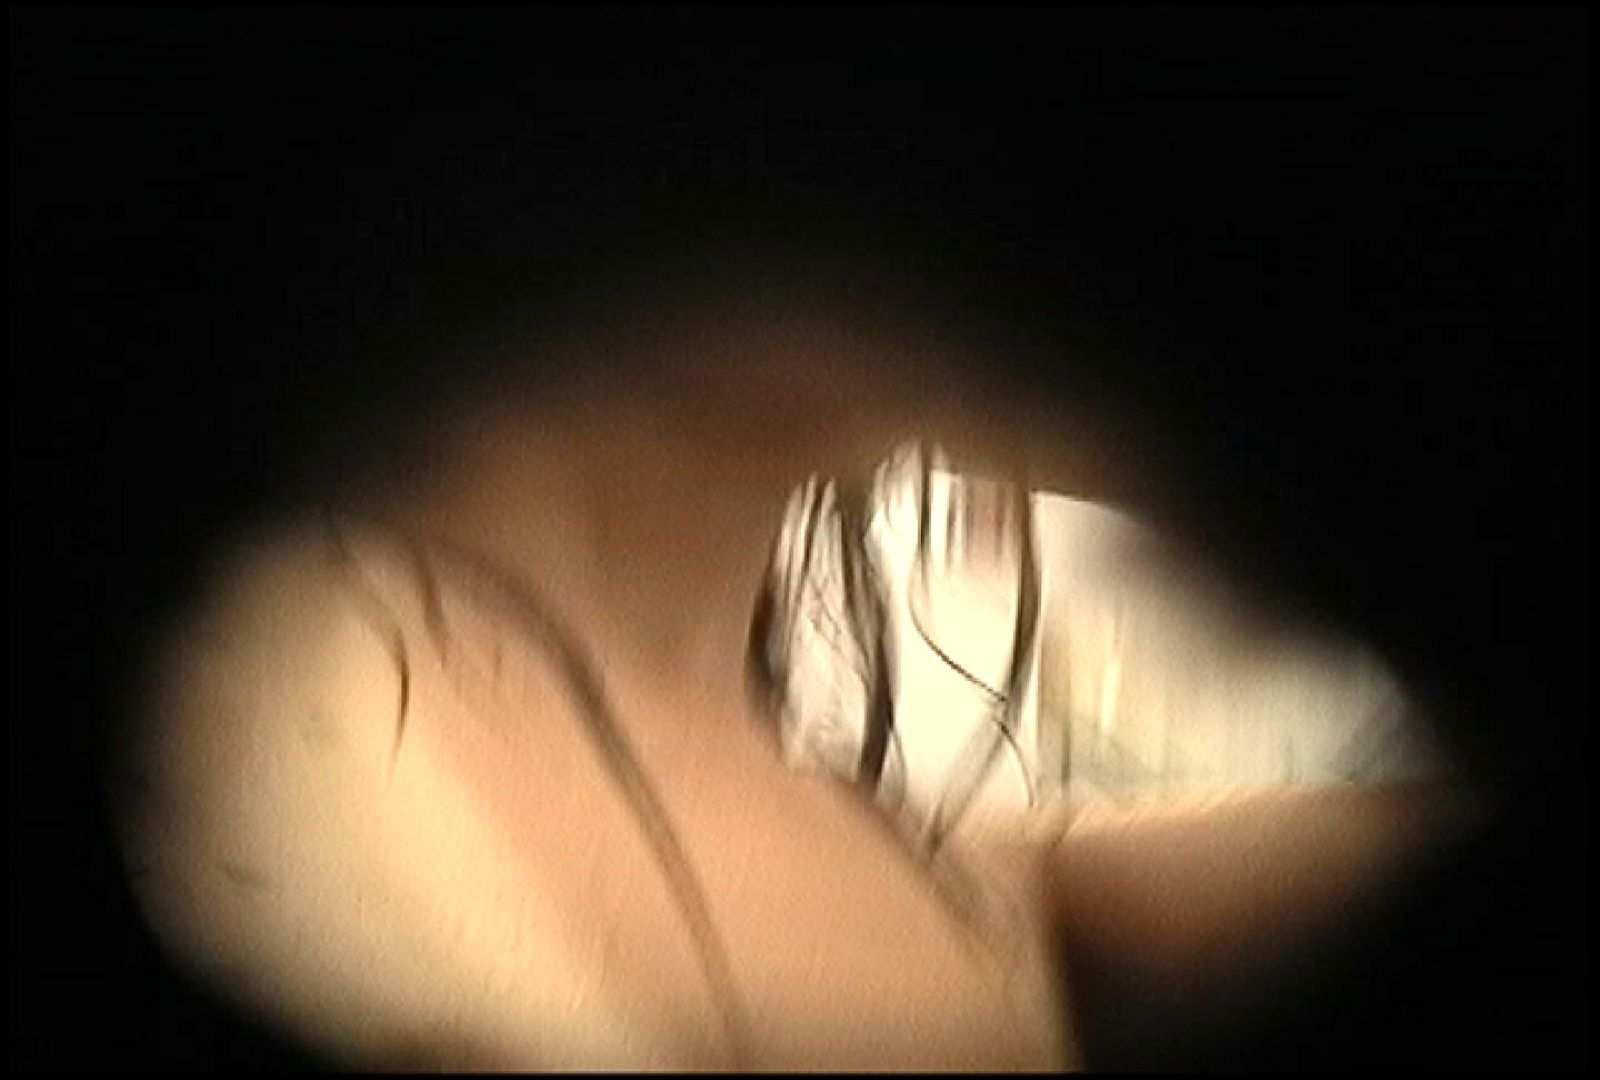 無料アダルト動画:No.136 ギャル抜けきらないお女市さんのタレたオッパイ:怪盗ジョーカー